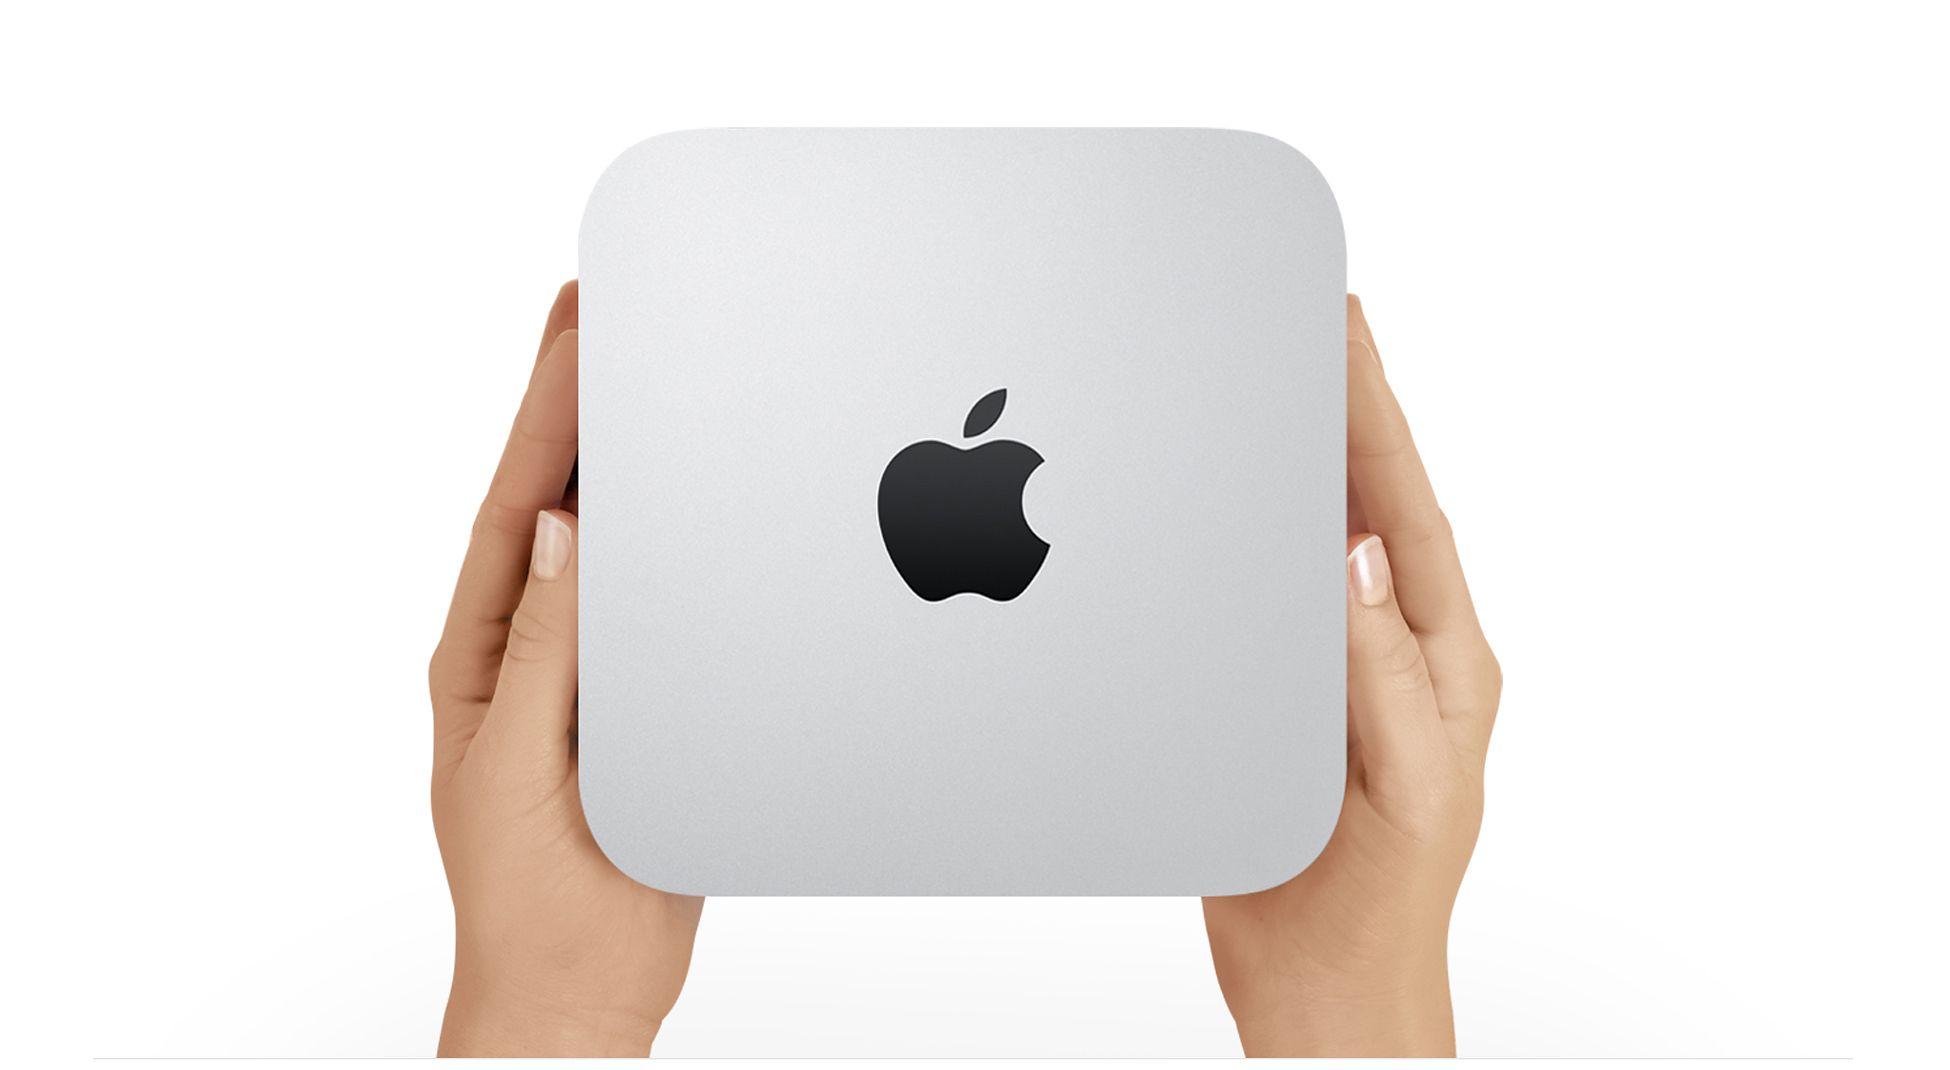 Mid-2014 Mac Mini